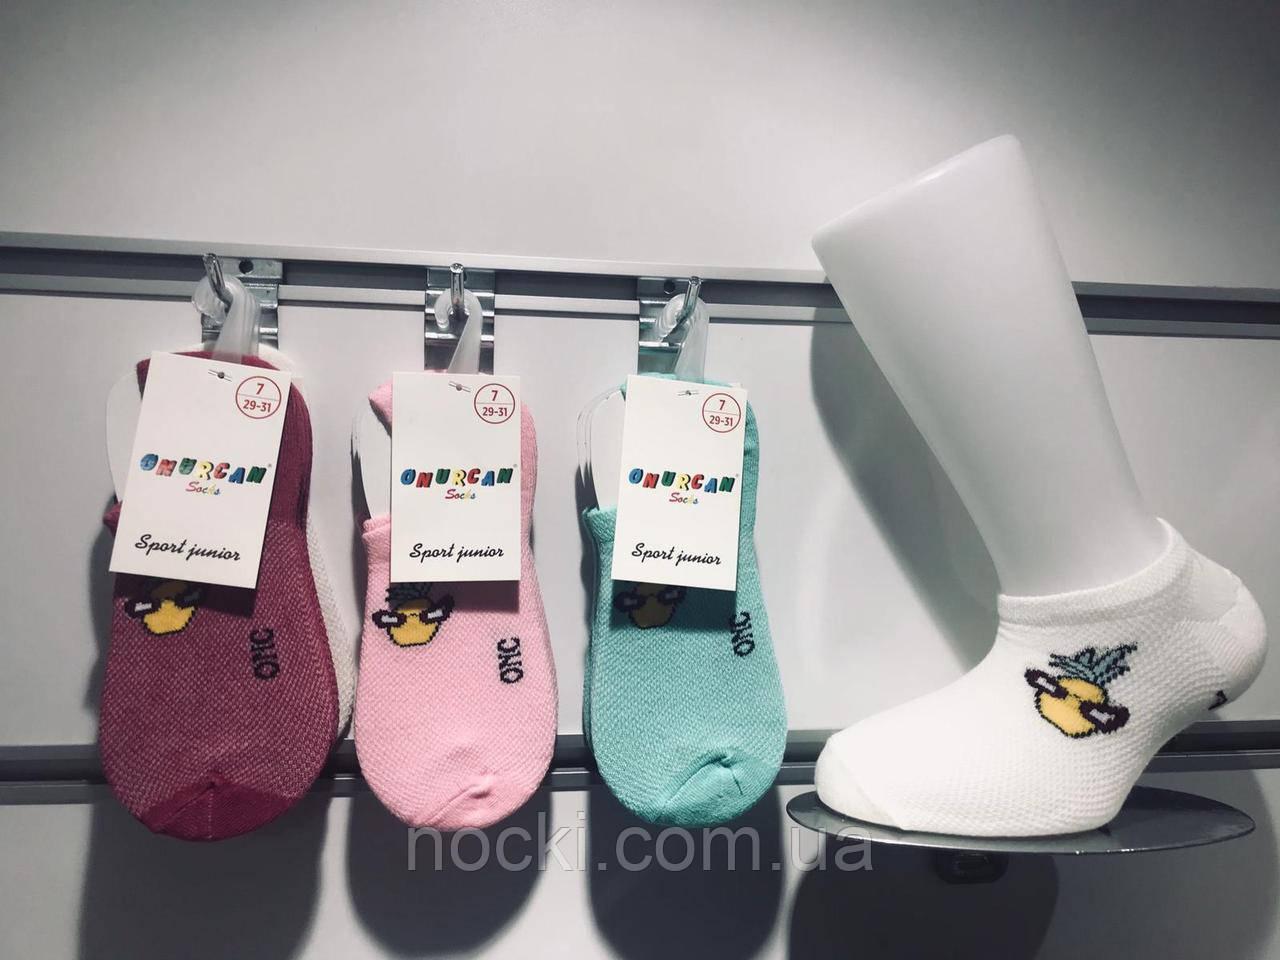 Дитячі шкарпетки стрейчеві комп'ютерні у сіточку Onurcan б/р 7 0125